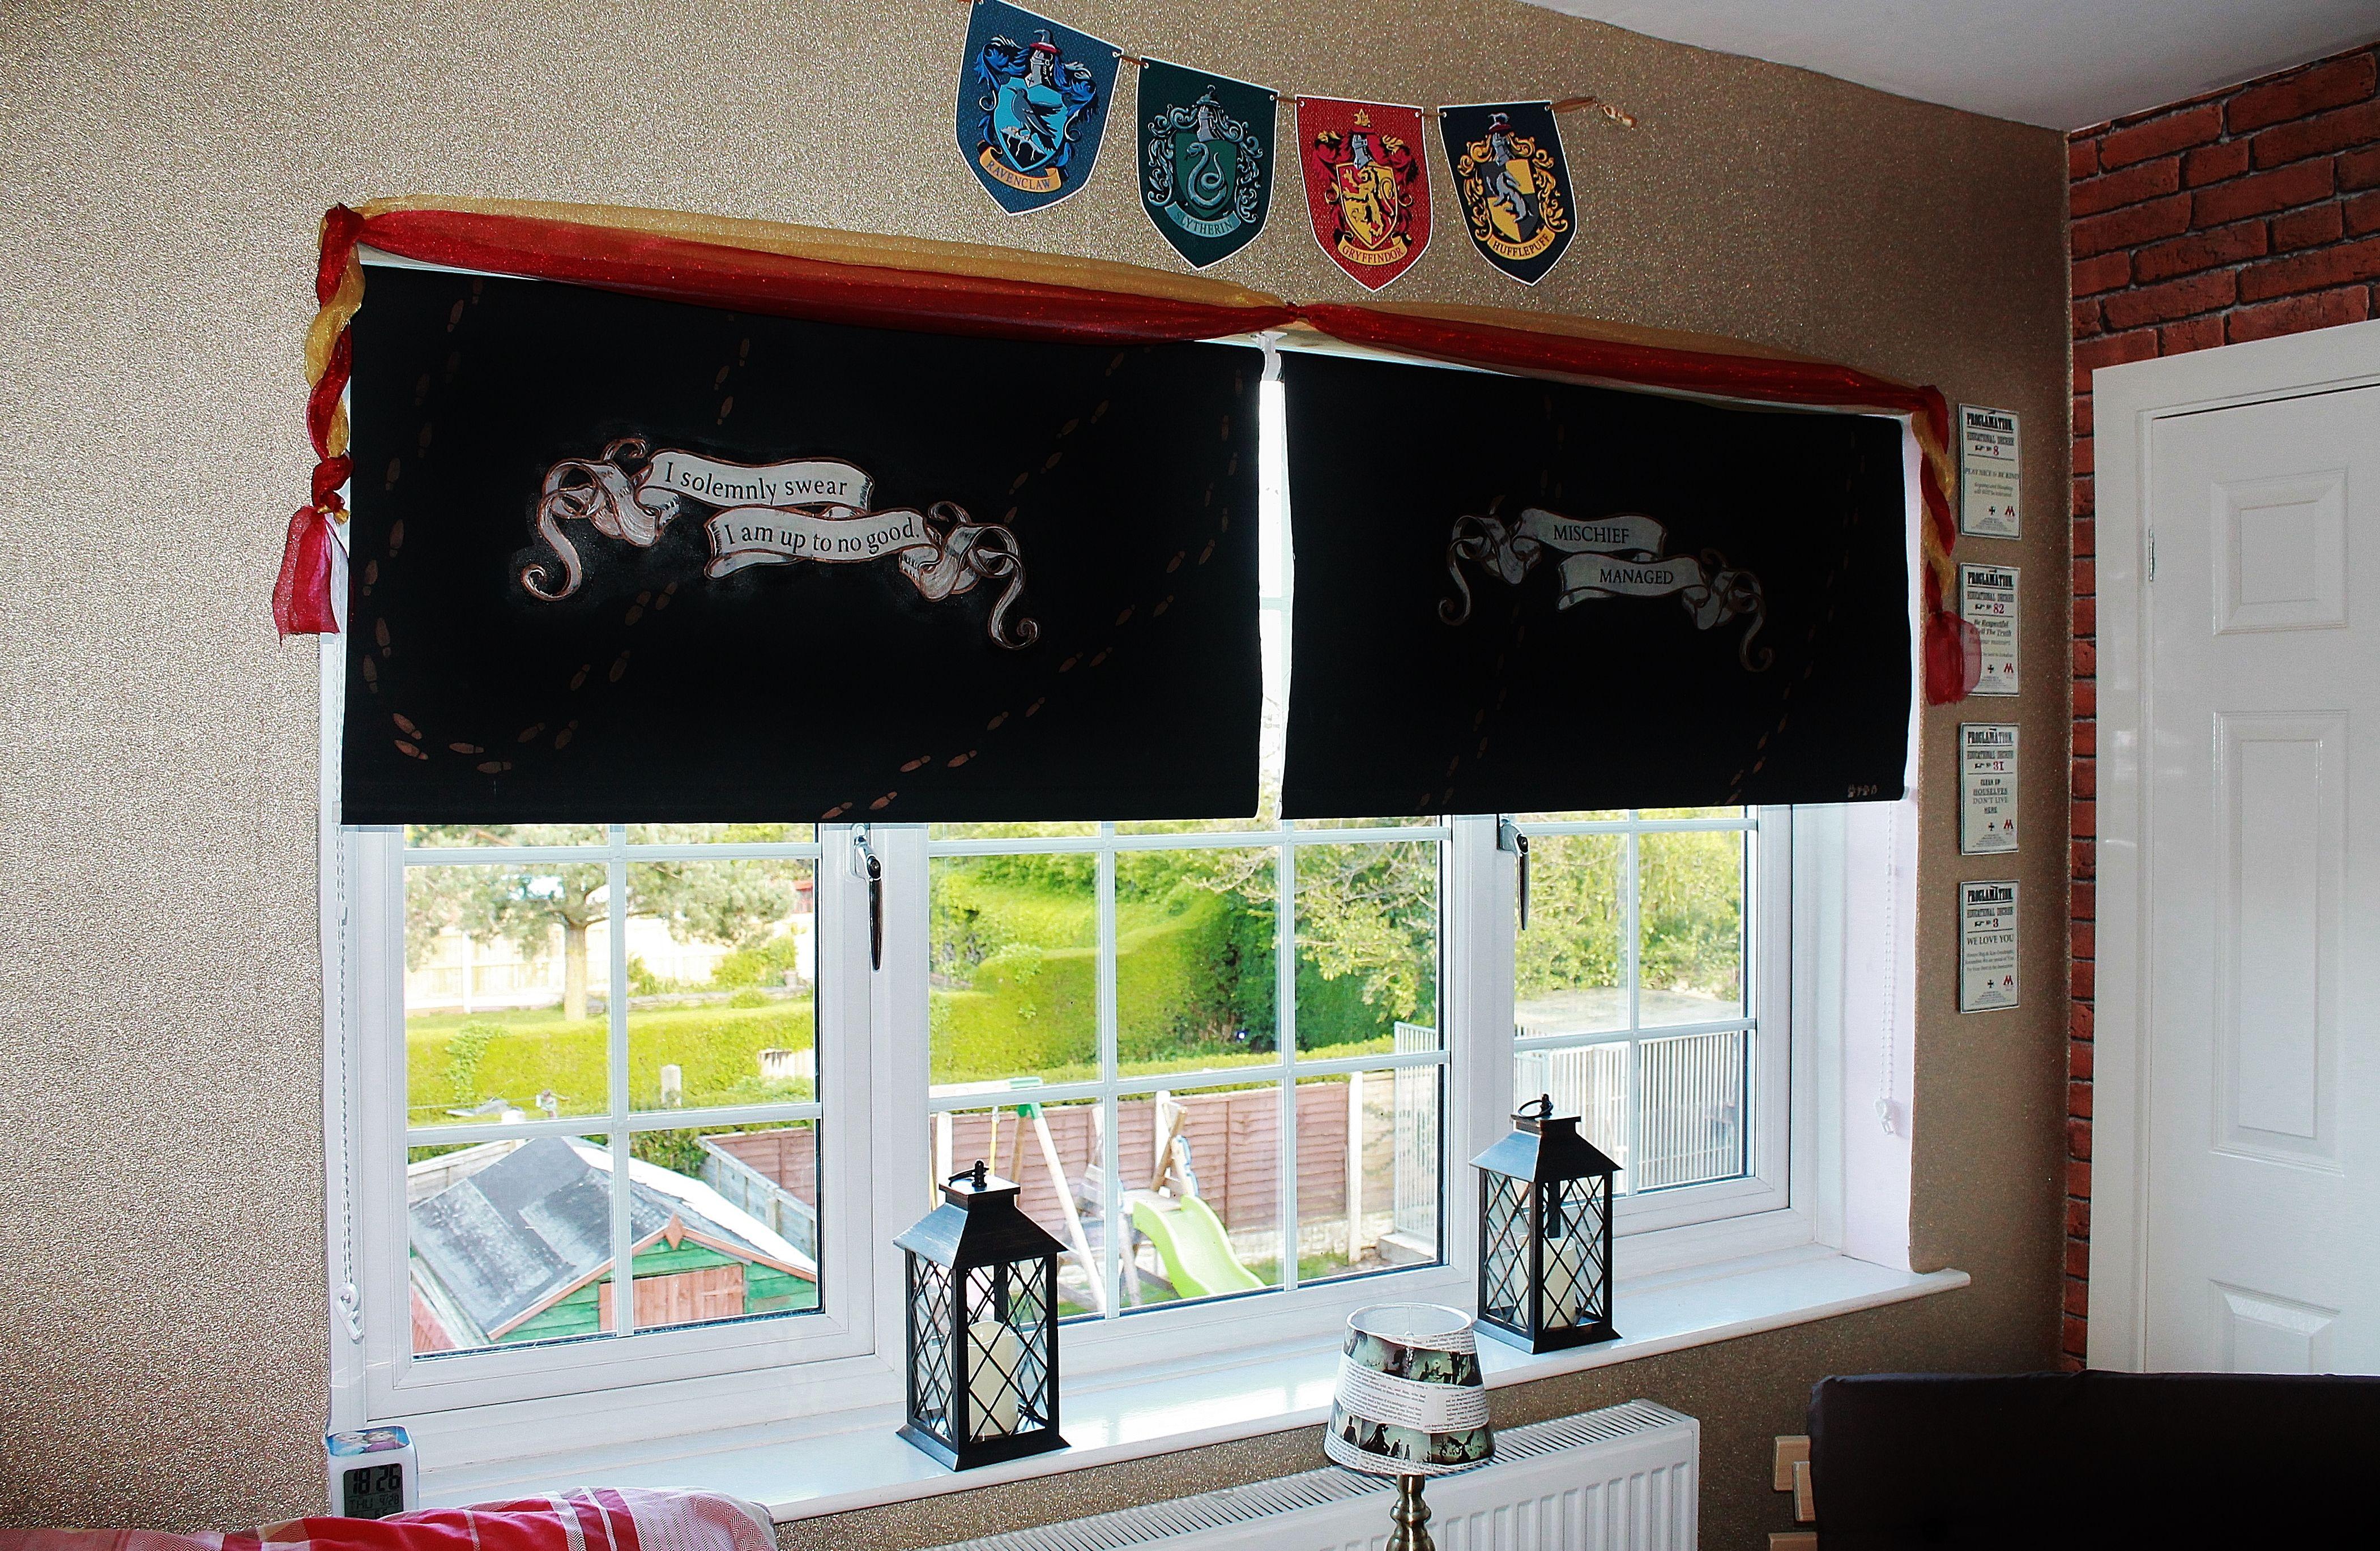 Harry Potter Bedroom Roller Blinds Crafts Hogwarts Crests